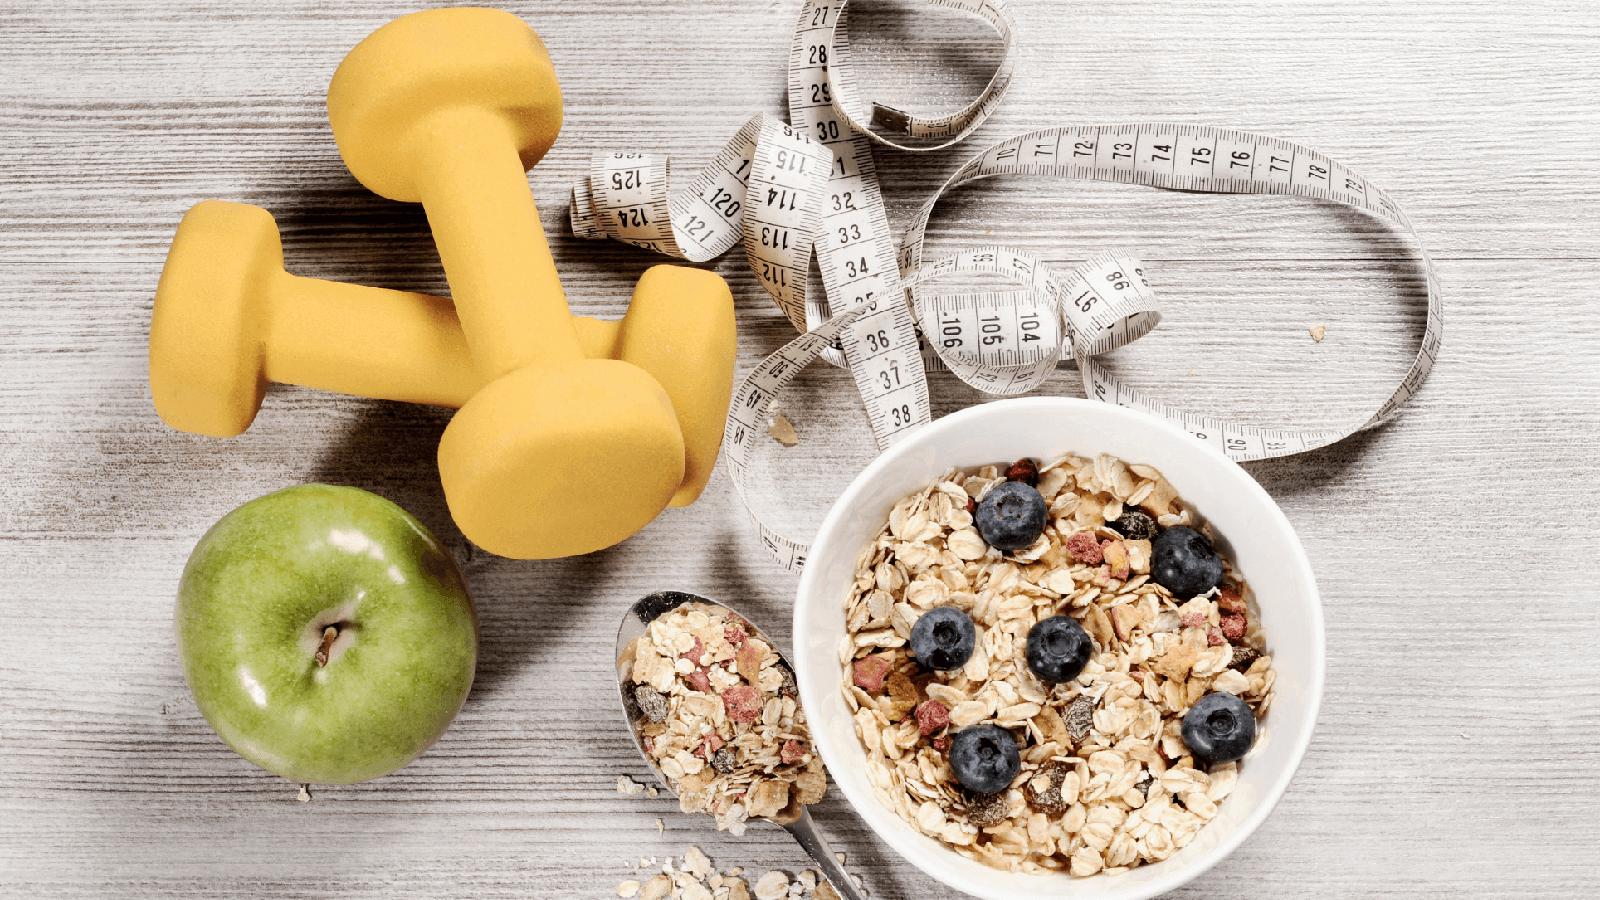 Vida Saudável com pesos, maçãs, fita métrica e prato com cereais e fruta